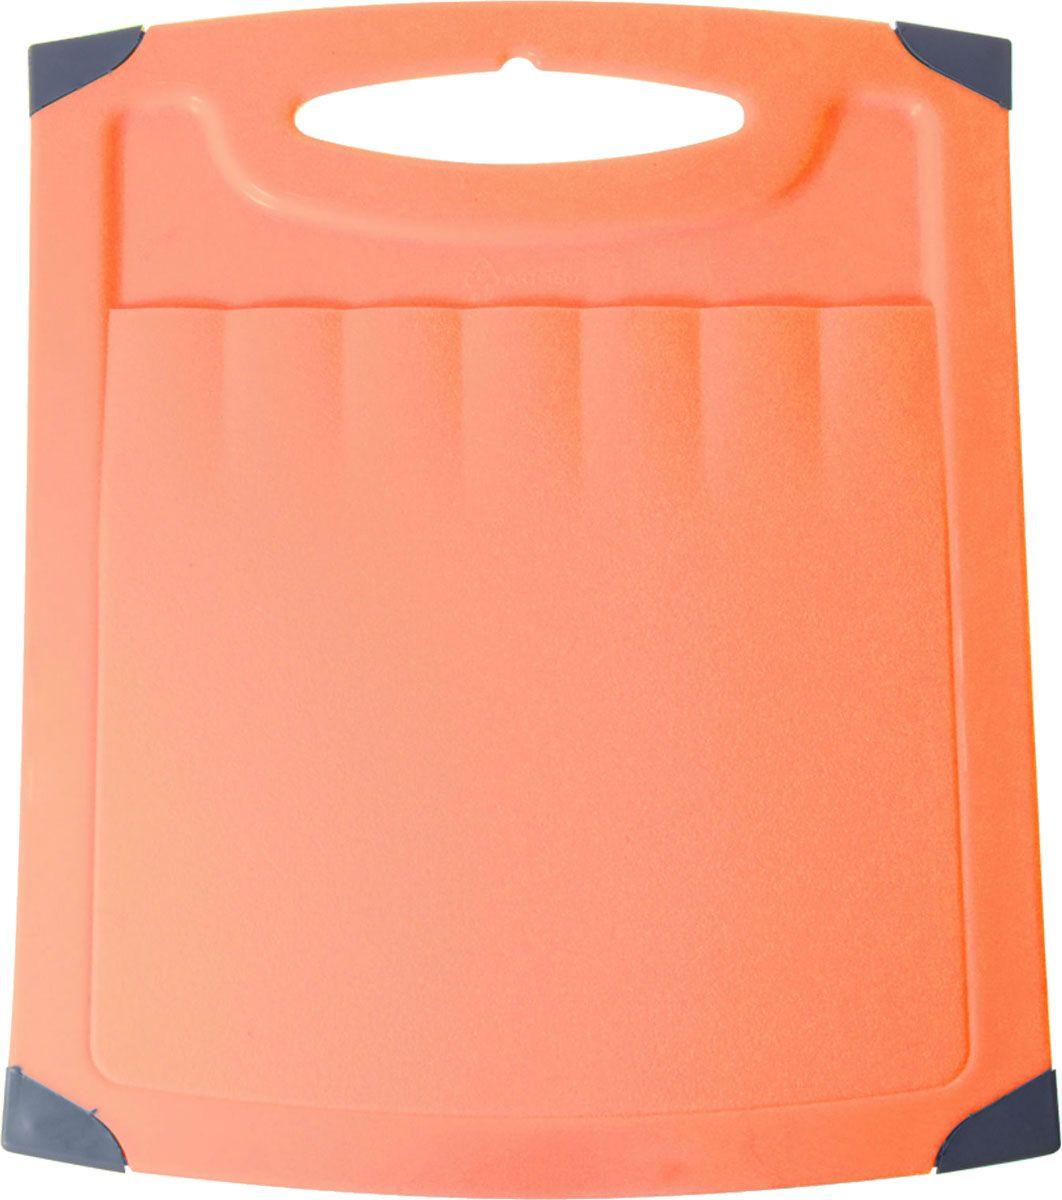 Доска разделочная Plastic Centre Люкс, цвет: оранжевый, 26 х 23 смПЦ1506МНДПрочная разделочная доска классической формы Plastic Centre может применяться для различных видов продуктов. Она выполнена из полипропилена. Доска не впитывает запахи, устойчива к воздействию ножом, благодаря чему изделие более долговечно. На кухне рекомендовано иметь несколько досок для различных видов продуктов: мяса, рыбы, хлеба и овощей.